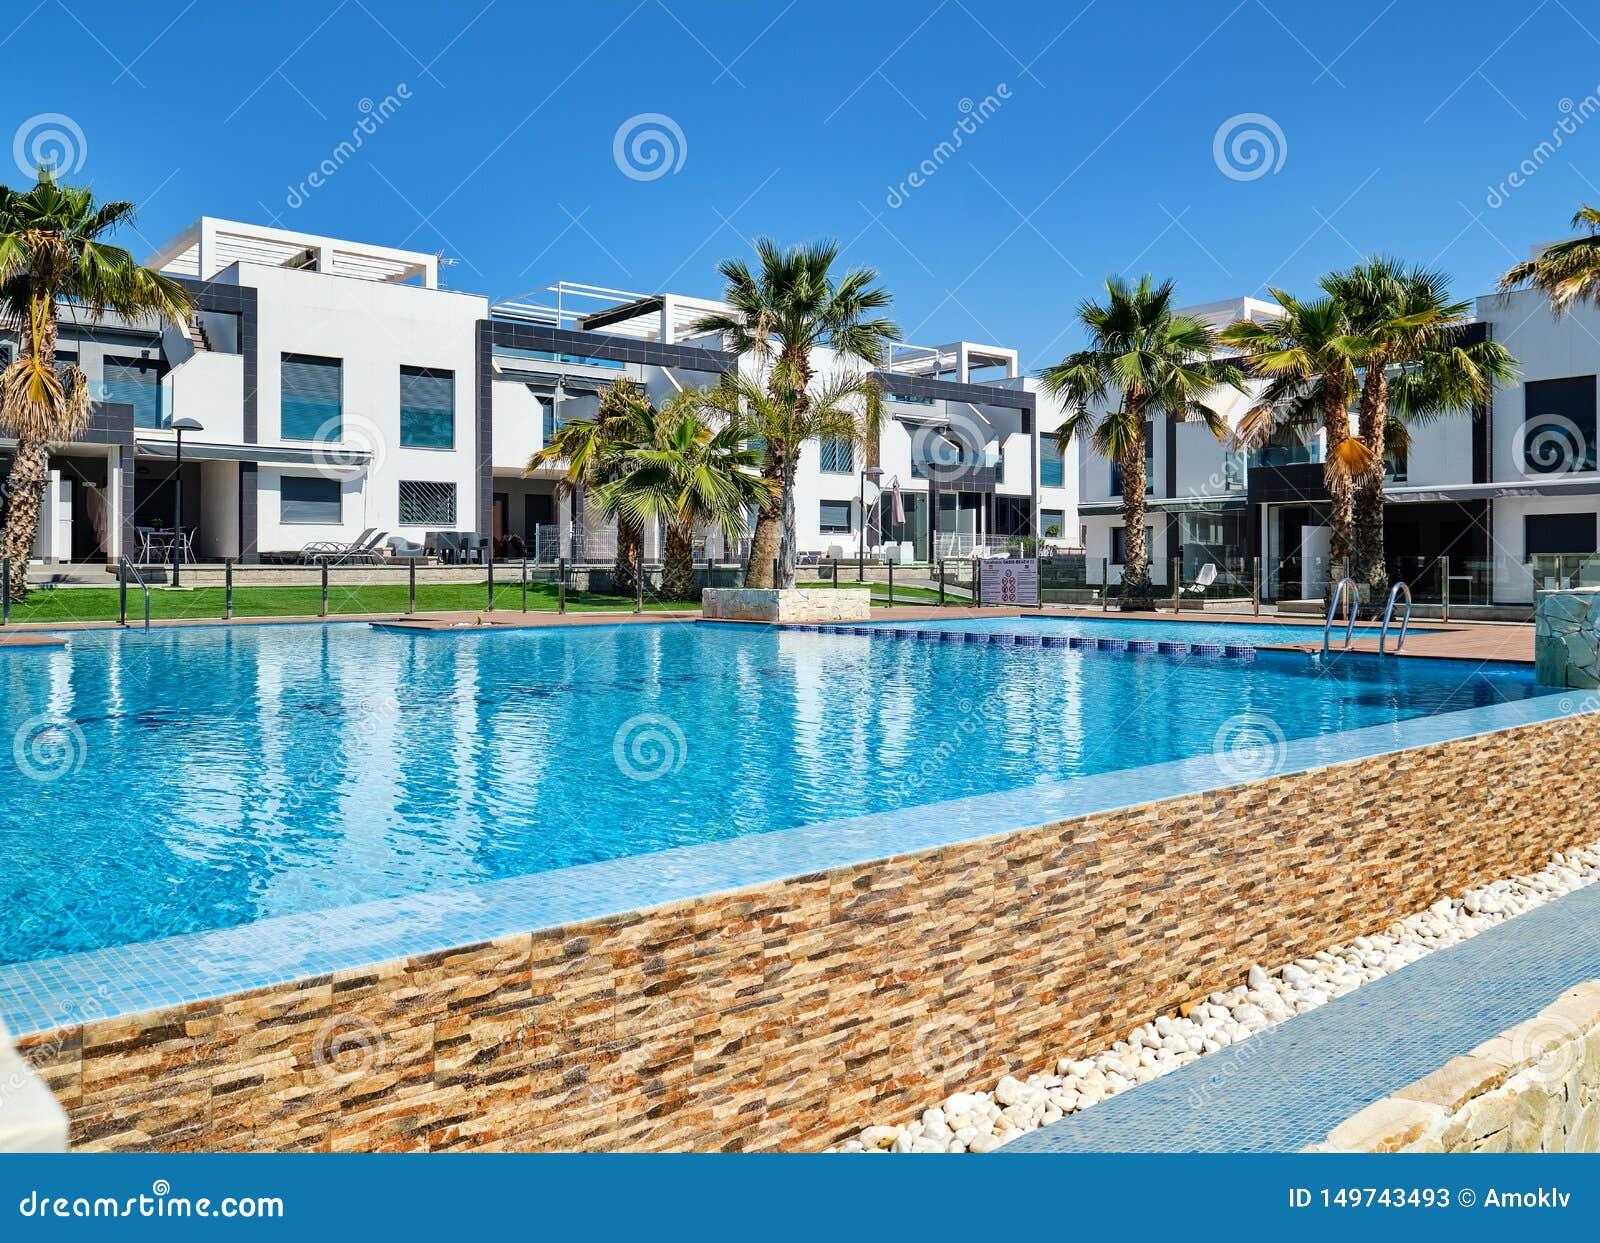 Σύγχρονα δημαρχεία με την πισίνα, Torrevieja, Ισπανία